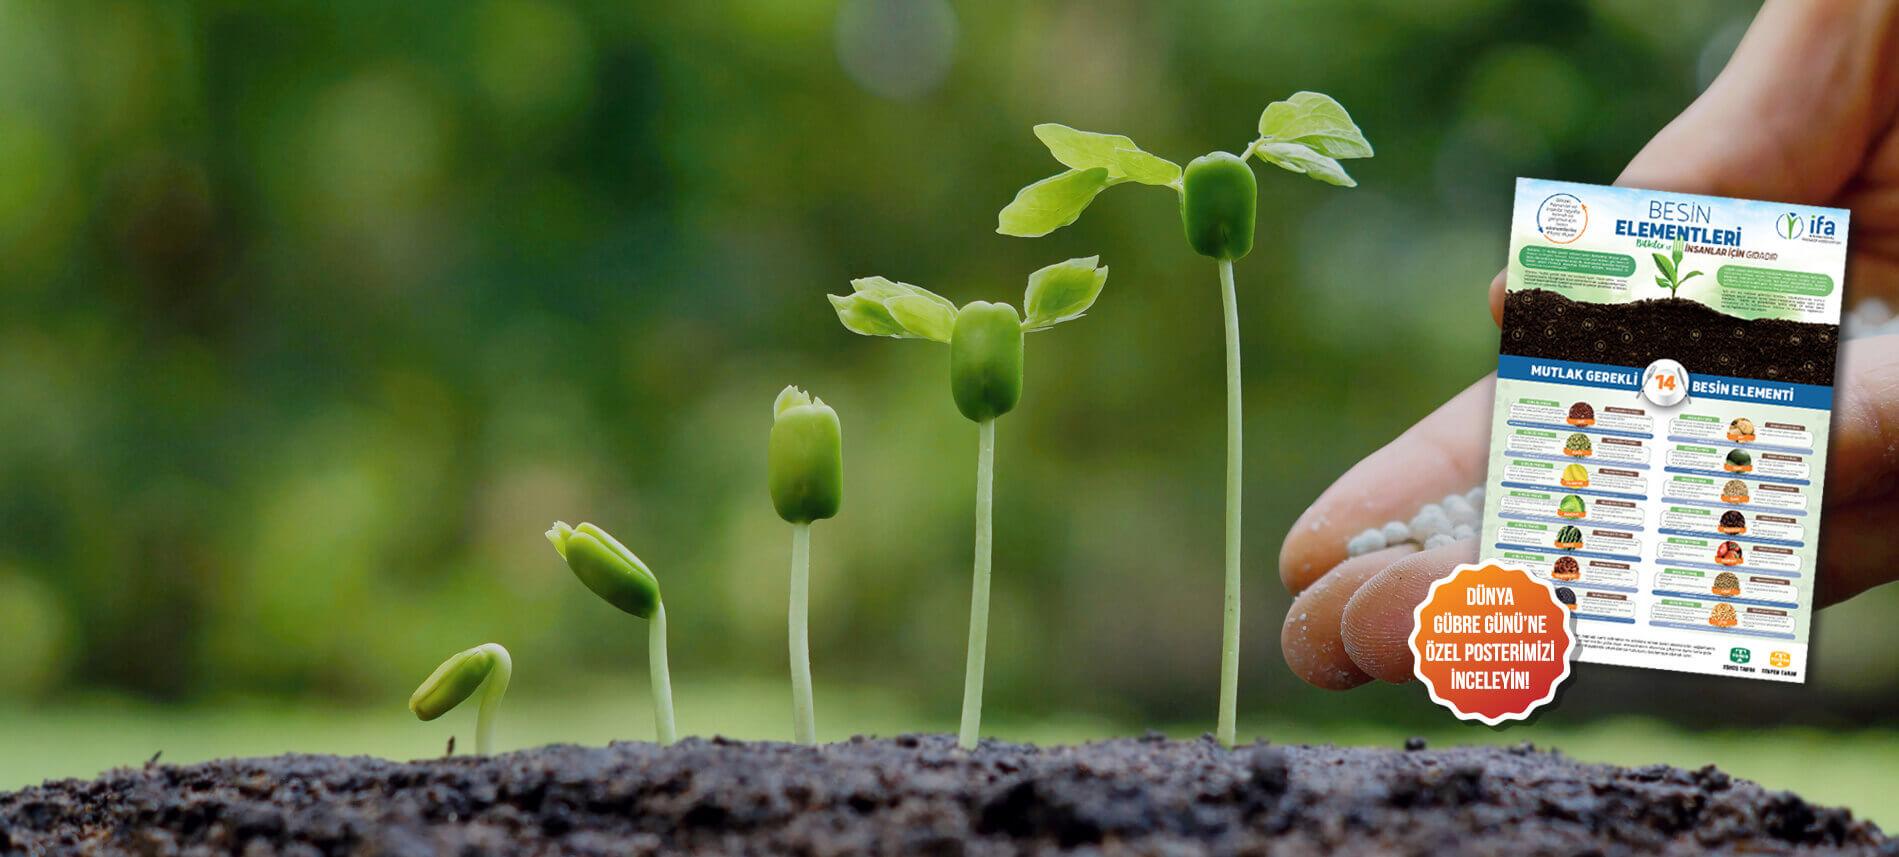 13 Ekim Dünya Gübre Günü'nde, Toros Tarım, hem bitkiler hem de diğer canlılar için hayati önem taşıyan besin elementleri hakkında kapsamlı bir çalışma hazırladı.